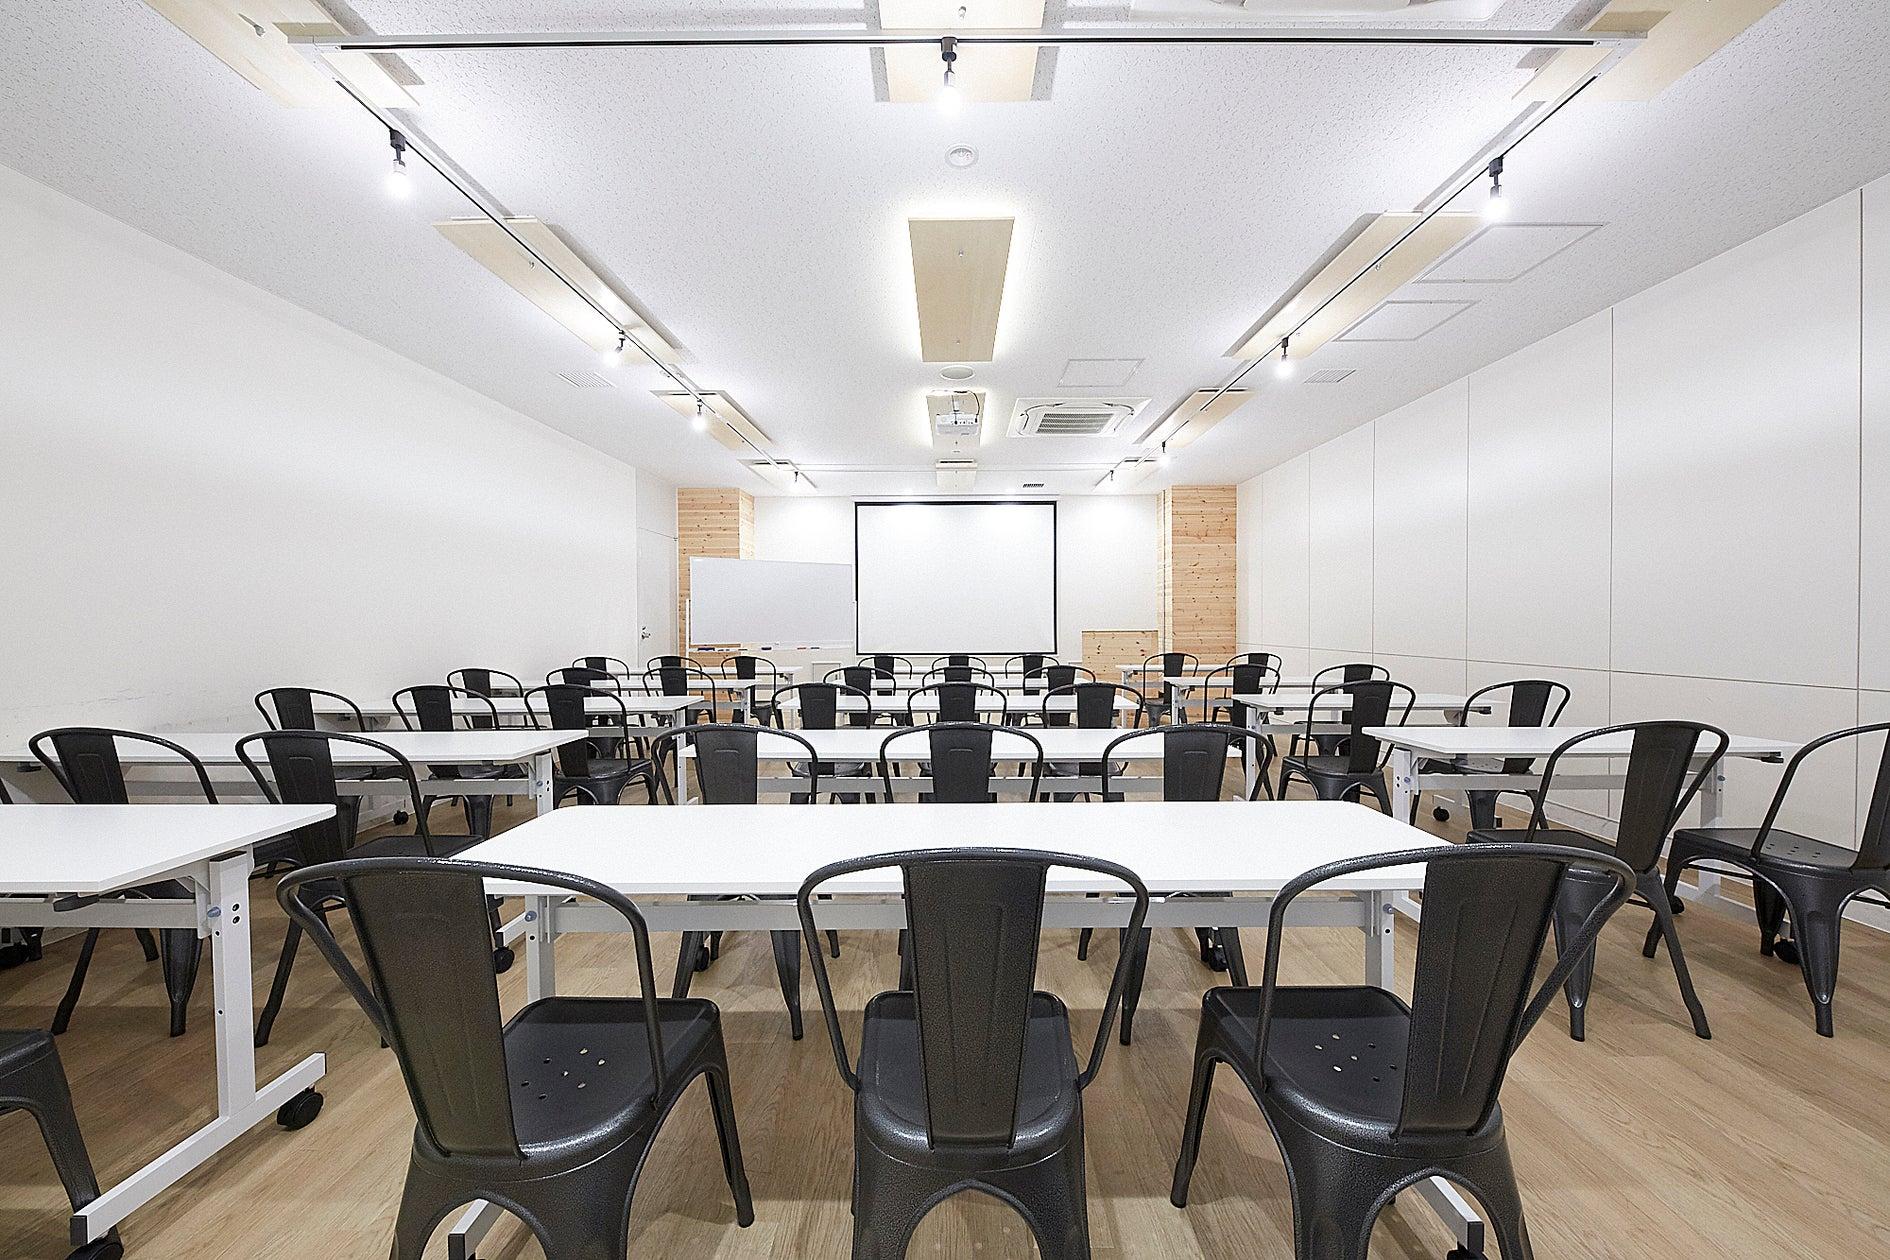 【品川駅4分】みんなの会議室 品川 Room B【プロジェクター・Wi-Fi等の備品は全て無料】 の写真